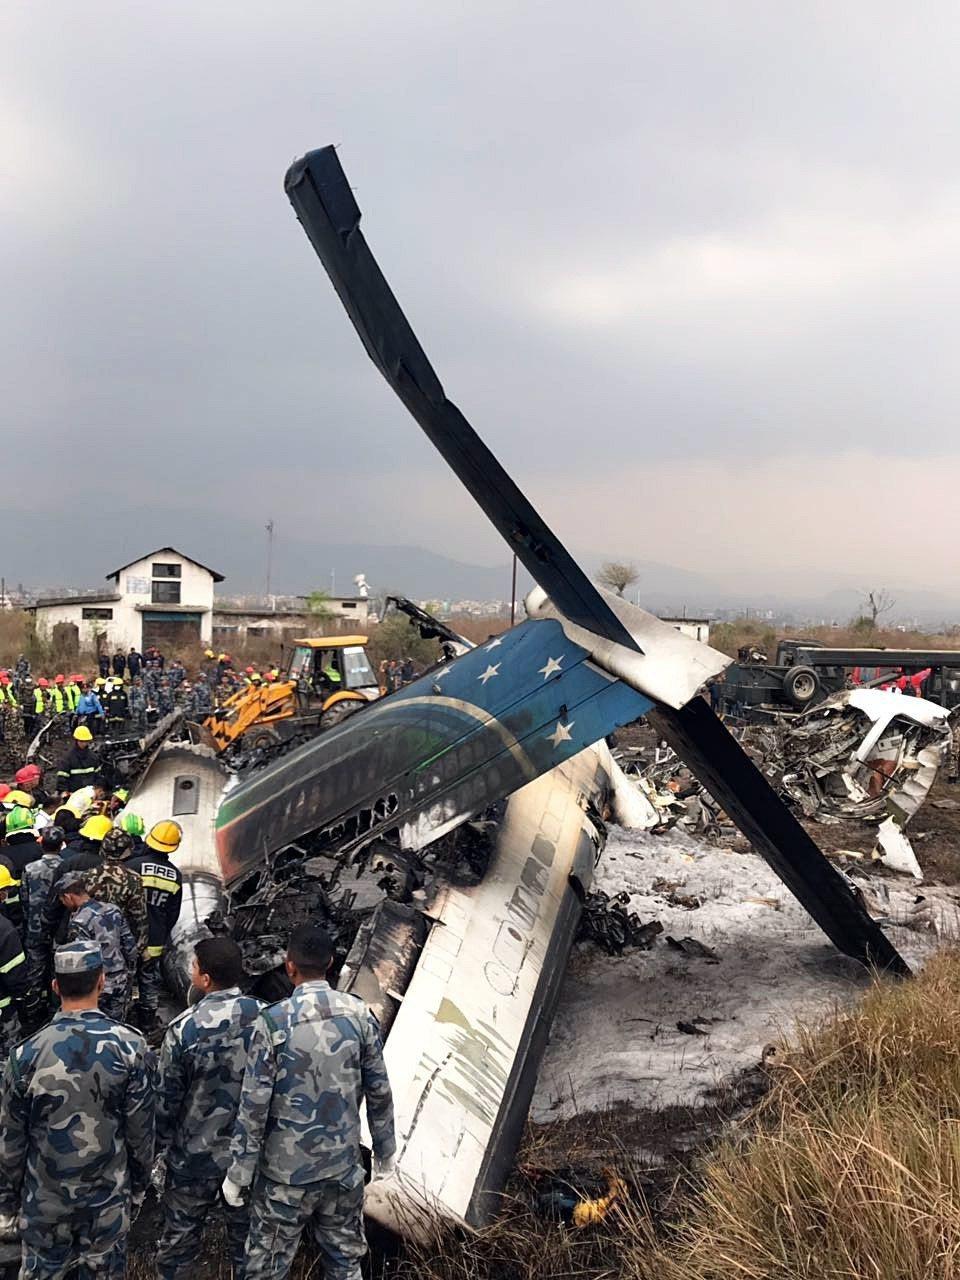 尼泊爾國際機場失事的客機殘骸。歐新社